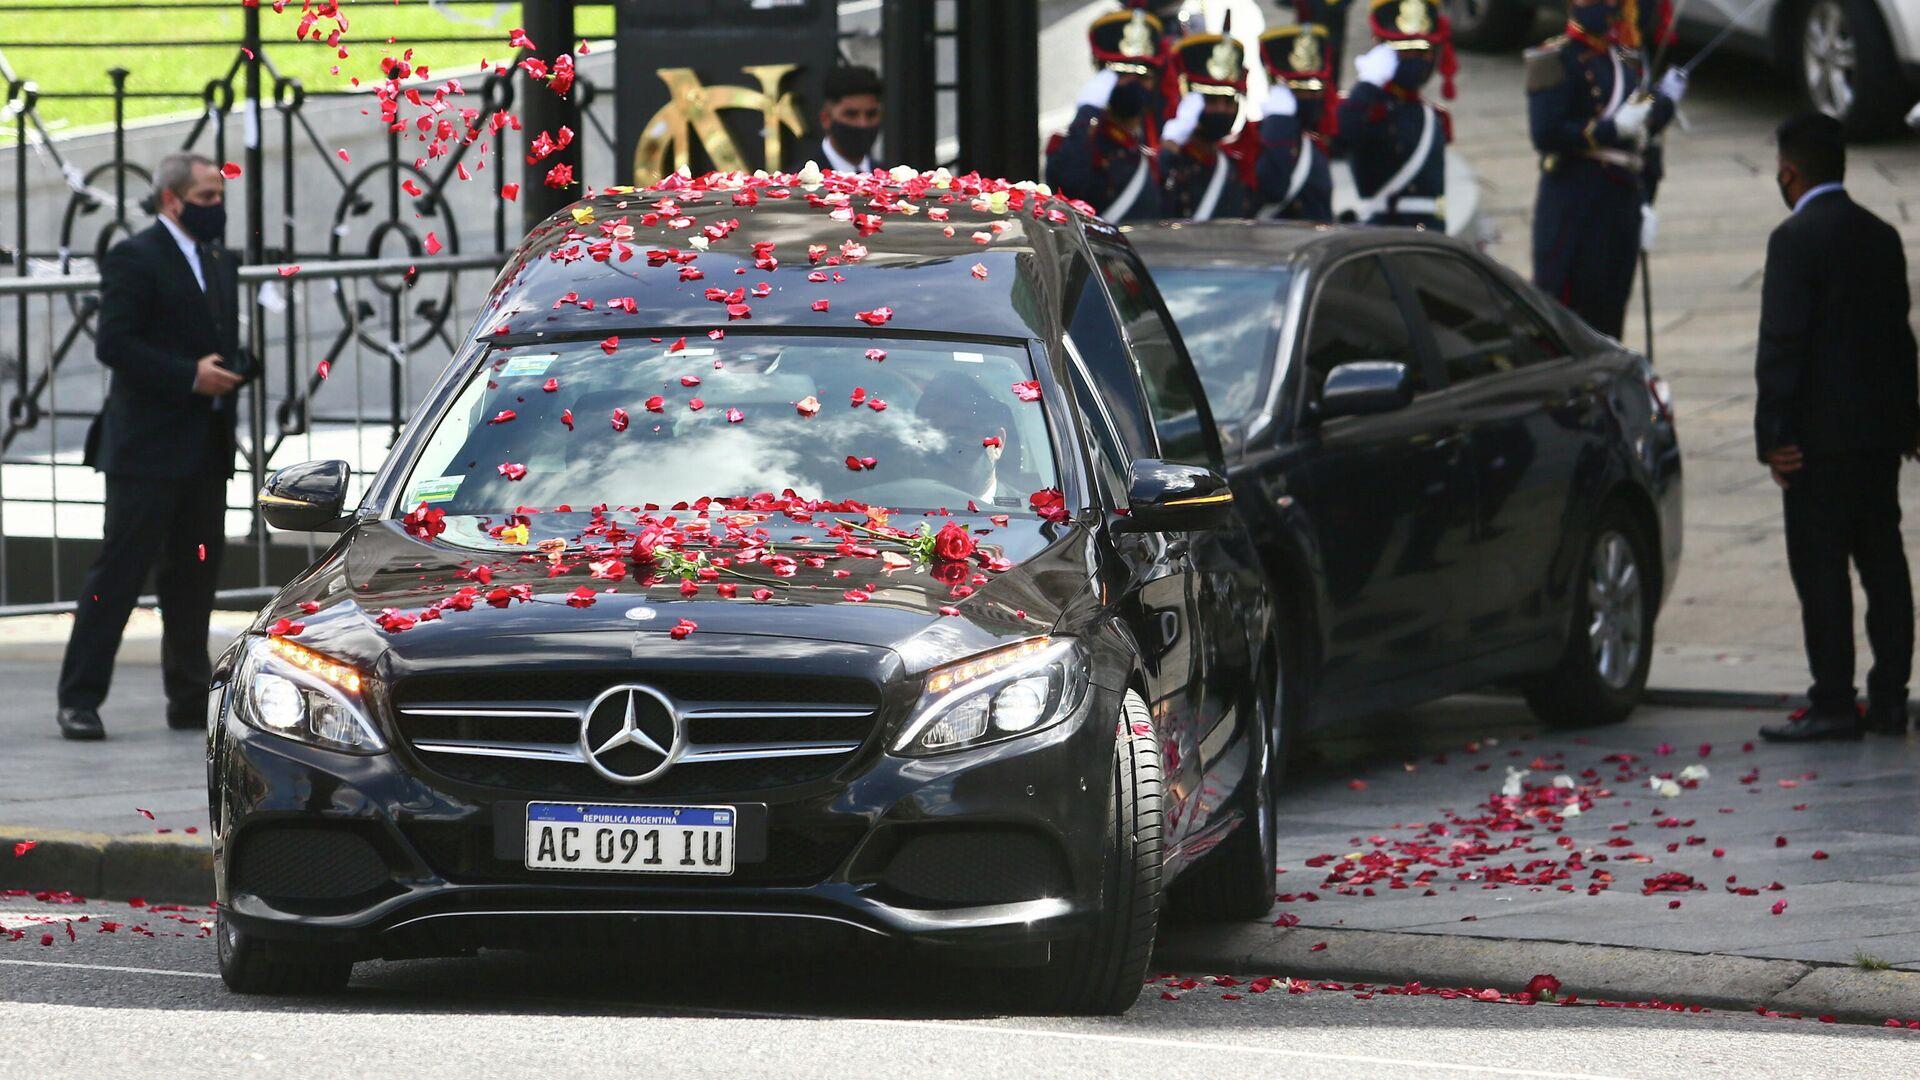 Cortejo fúnebre del expresidente argentino Carlos Menem - Sputnik Mundo, 1920, 15.02.2021